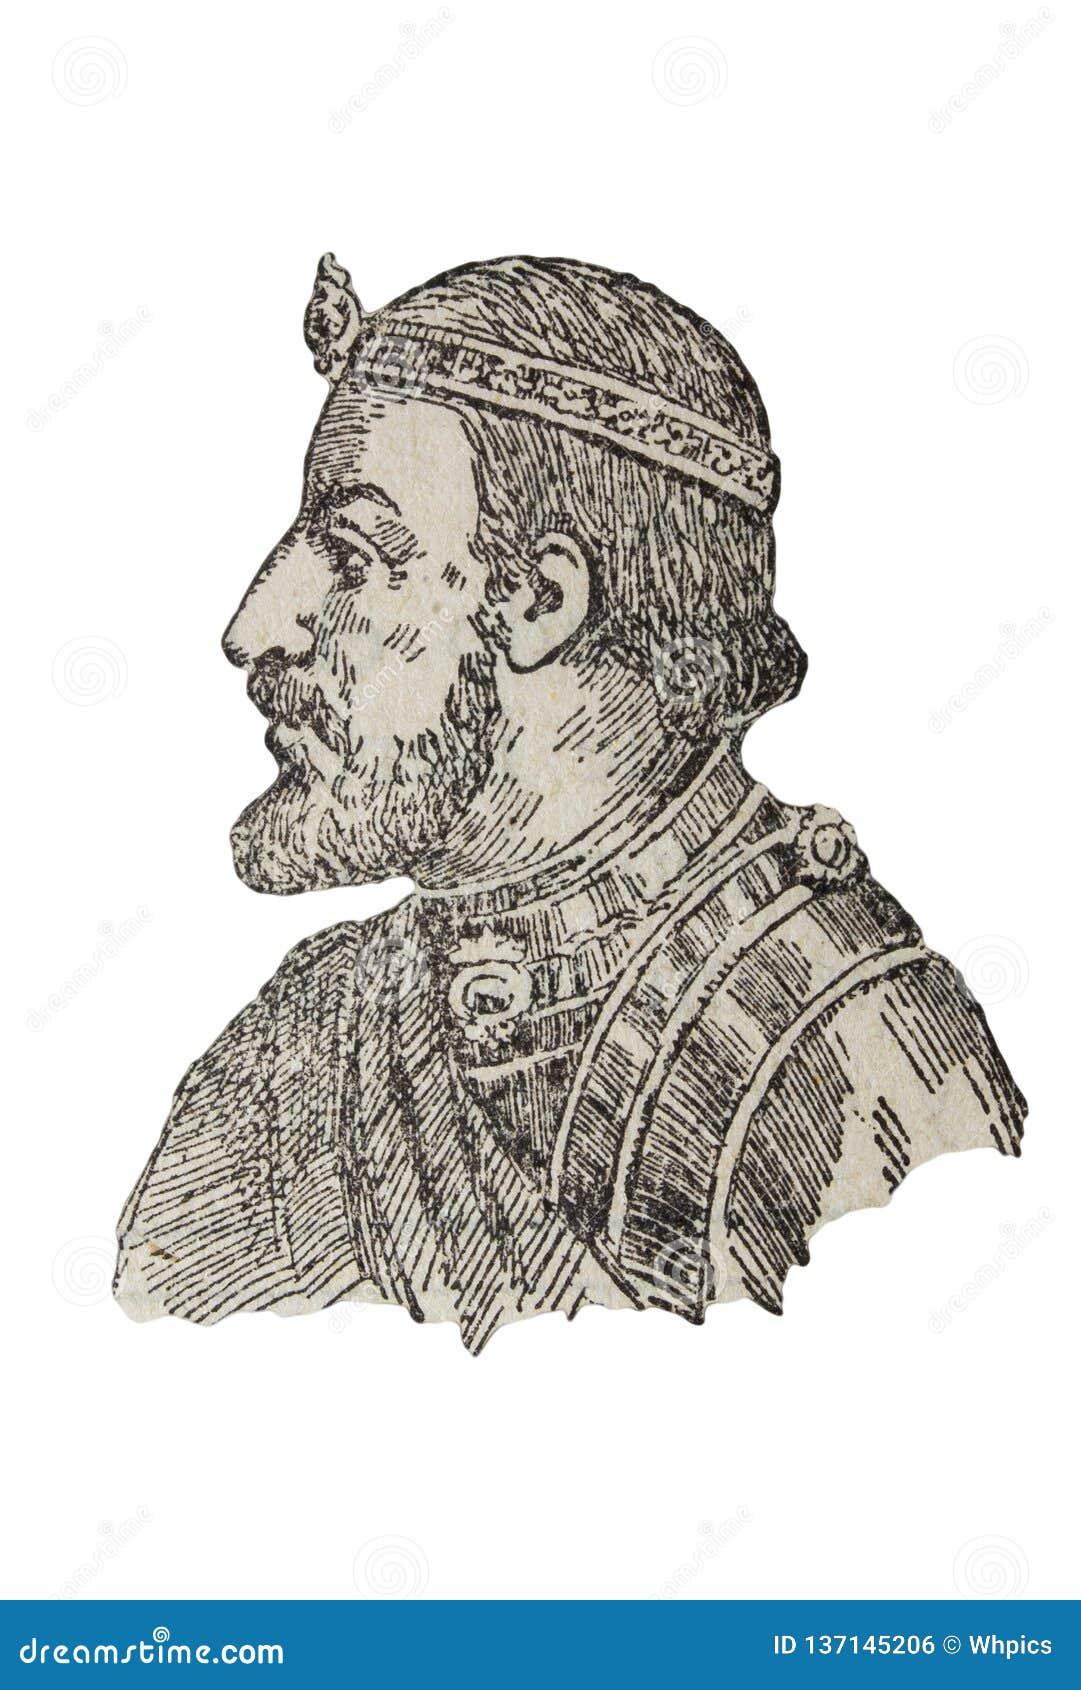 Ramon Berenguer III, count of Barcelona, Girona, and Ausona from 1086 to 1131